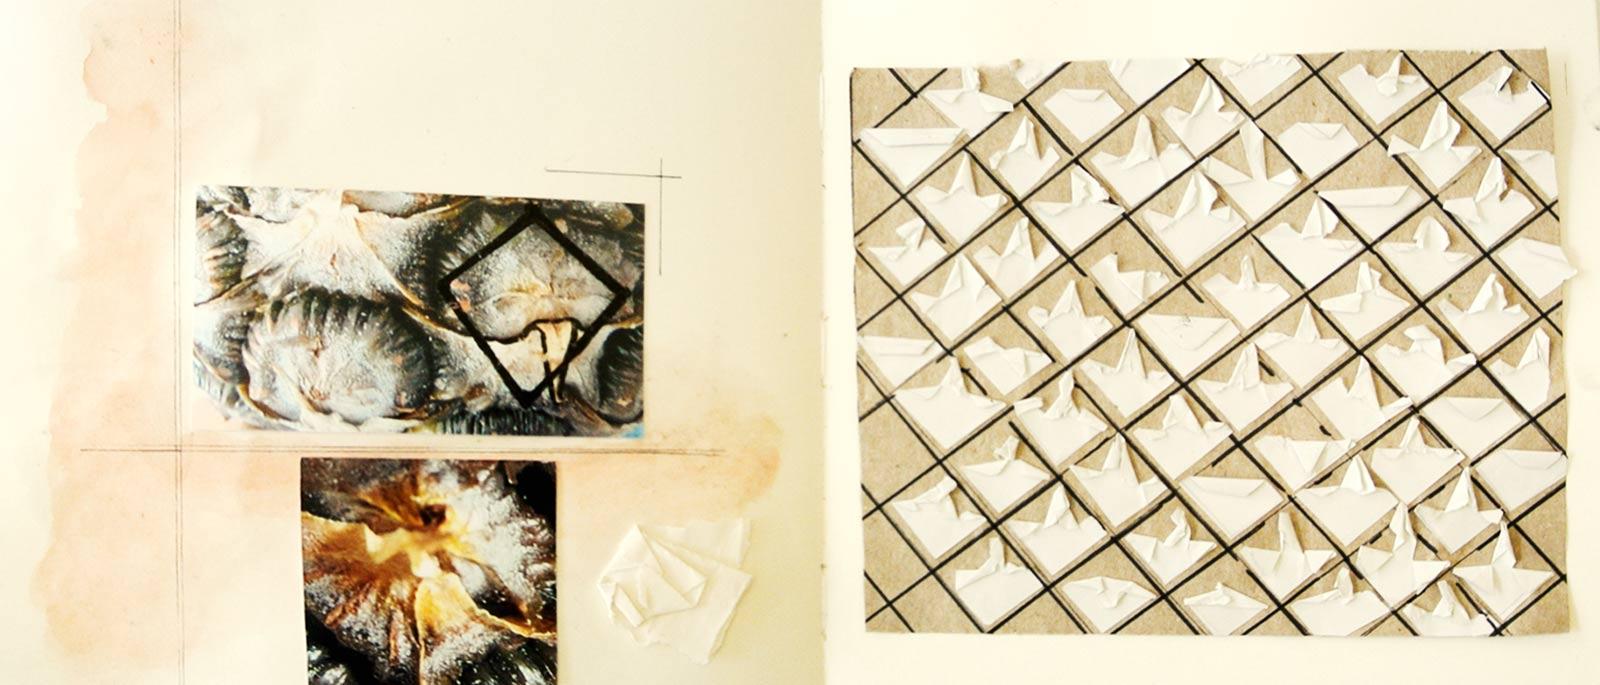 Textildesign_Studieren_Stuttgart_Modedesign